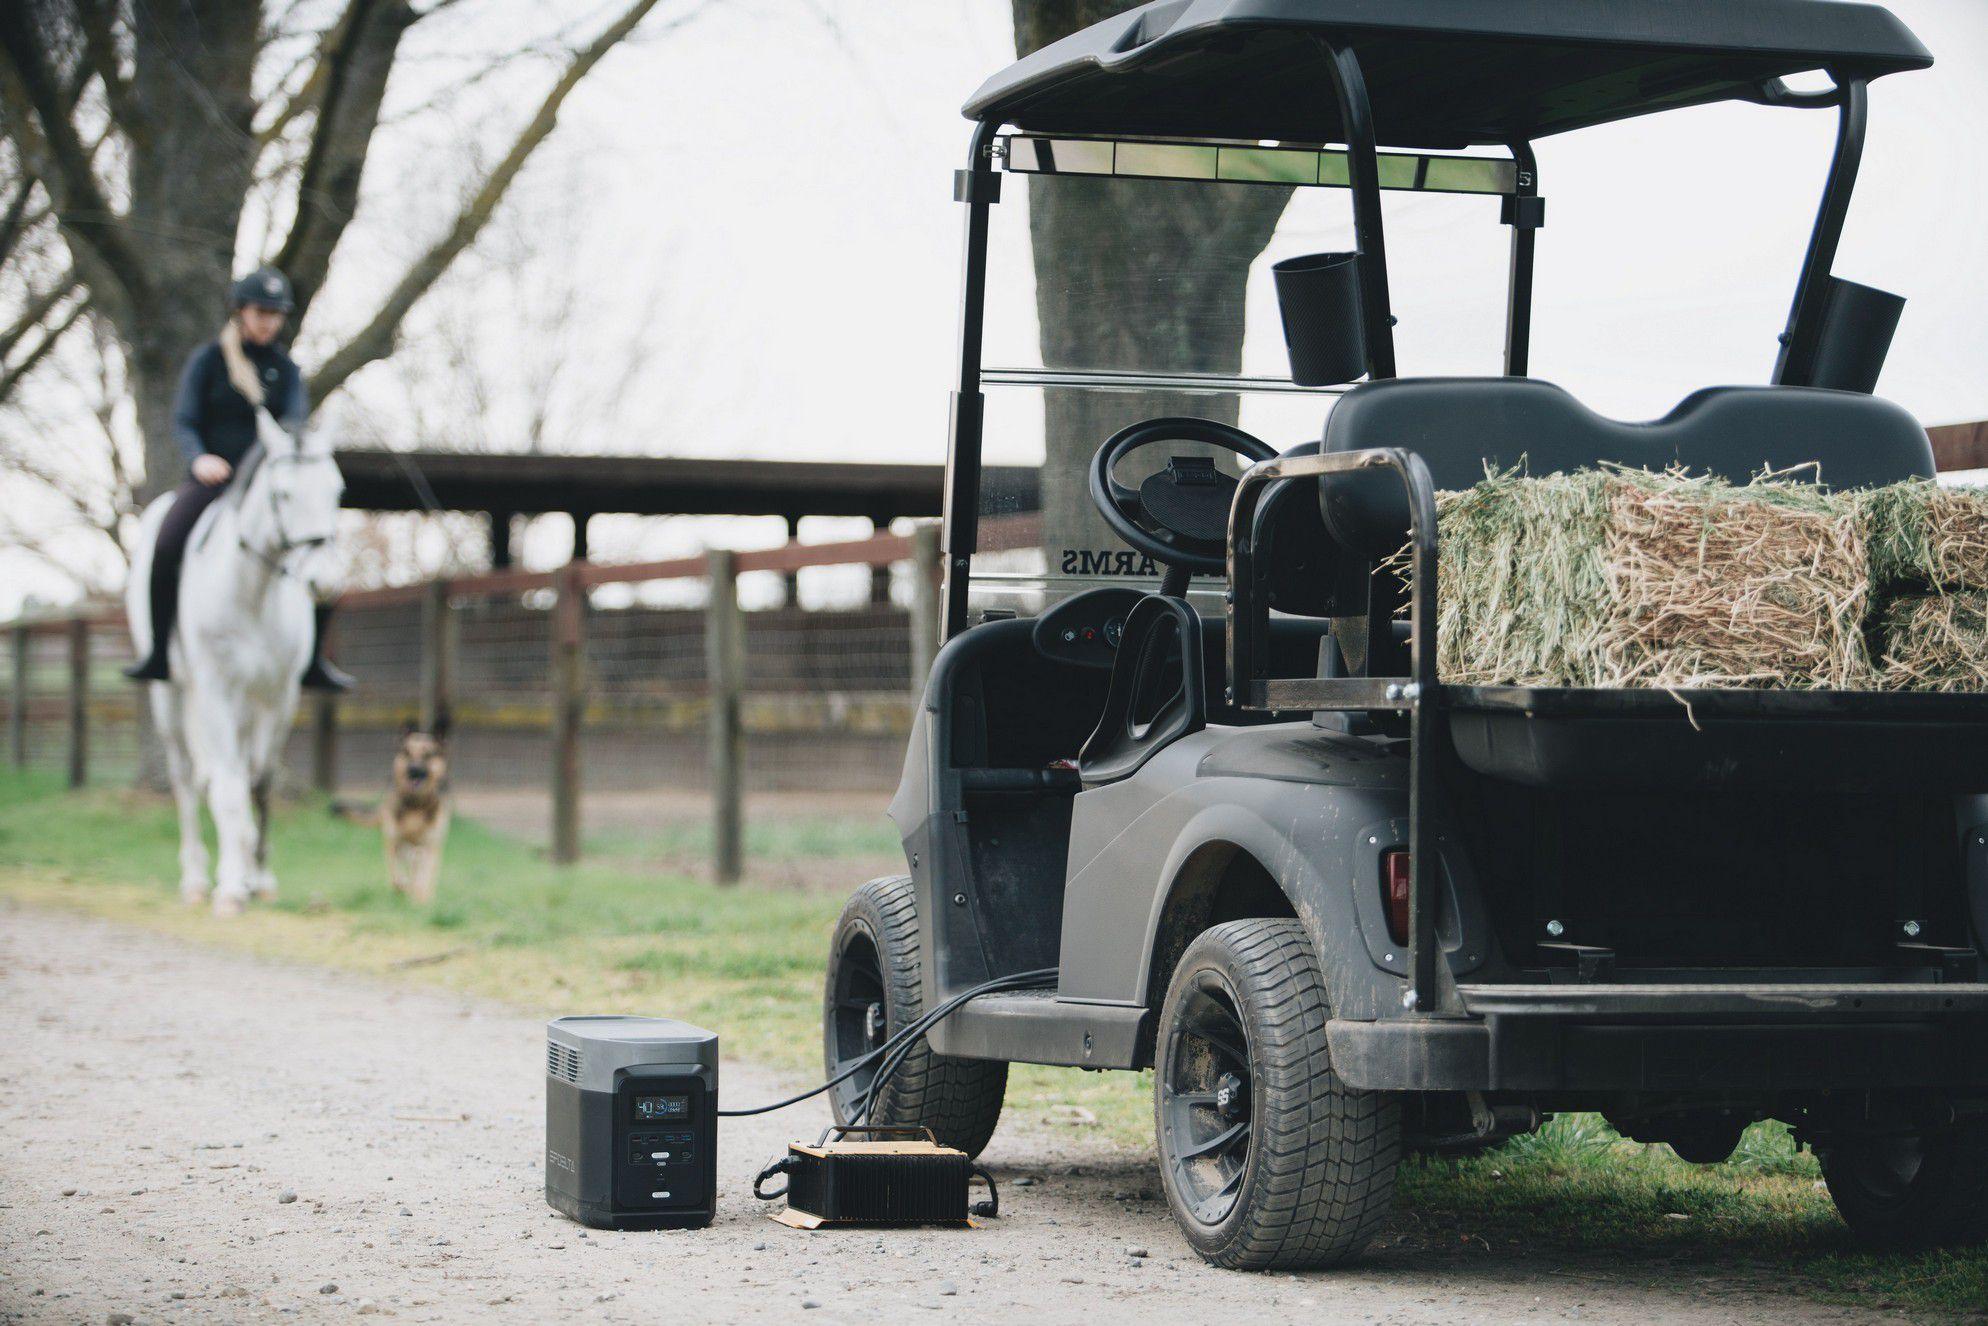 Batterie externe générateur électrique solaire 1800W voiture électrique jardinage bricolage BTP camping